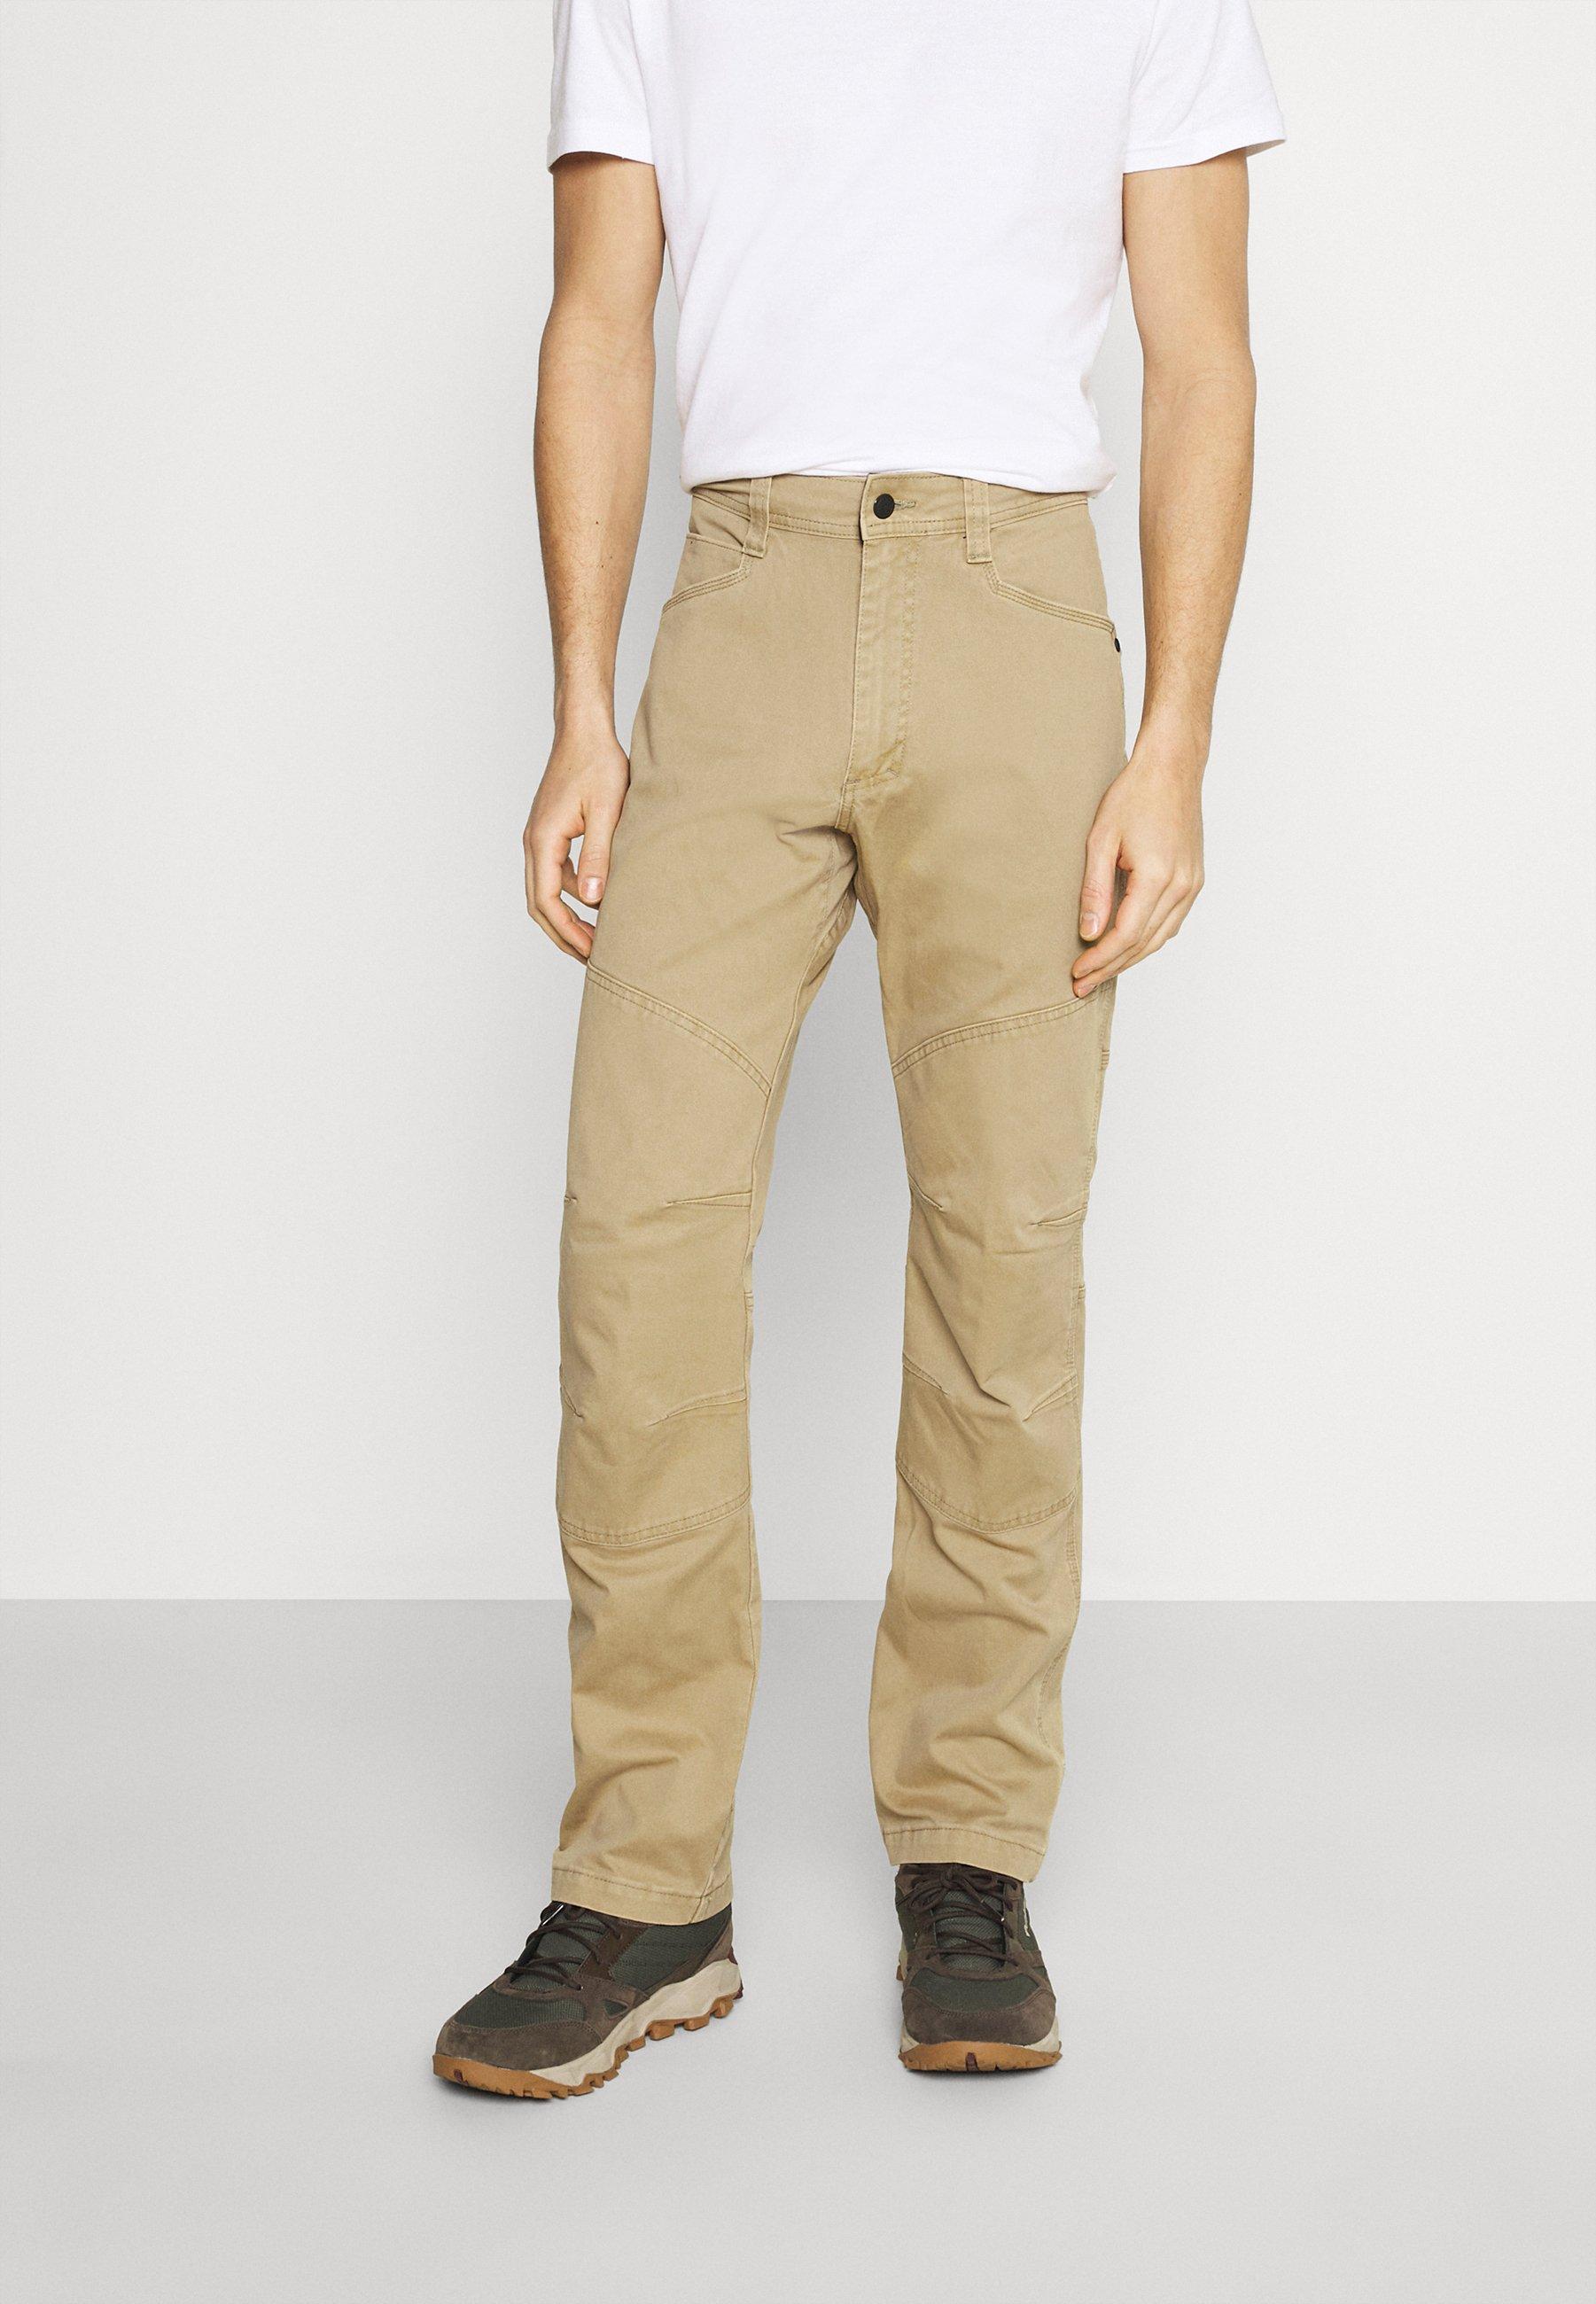 Men ALL TERRAIN GEAR REINFORCED UTILITY PANT - Trousers